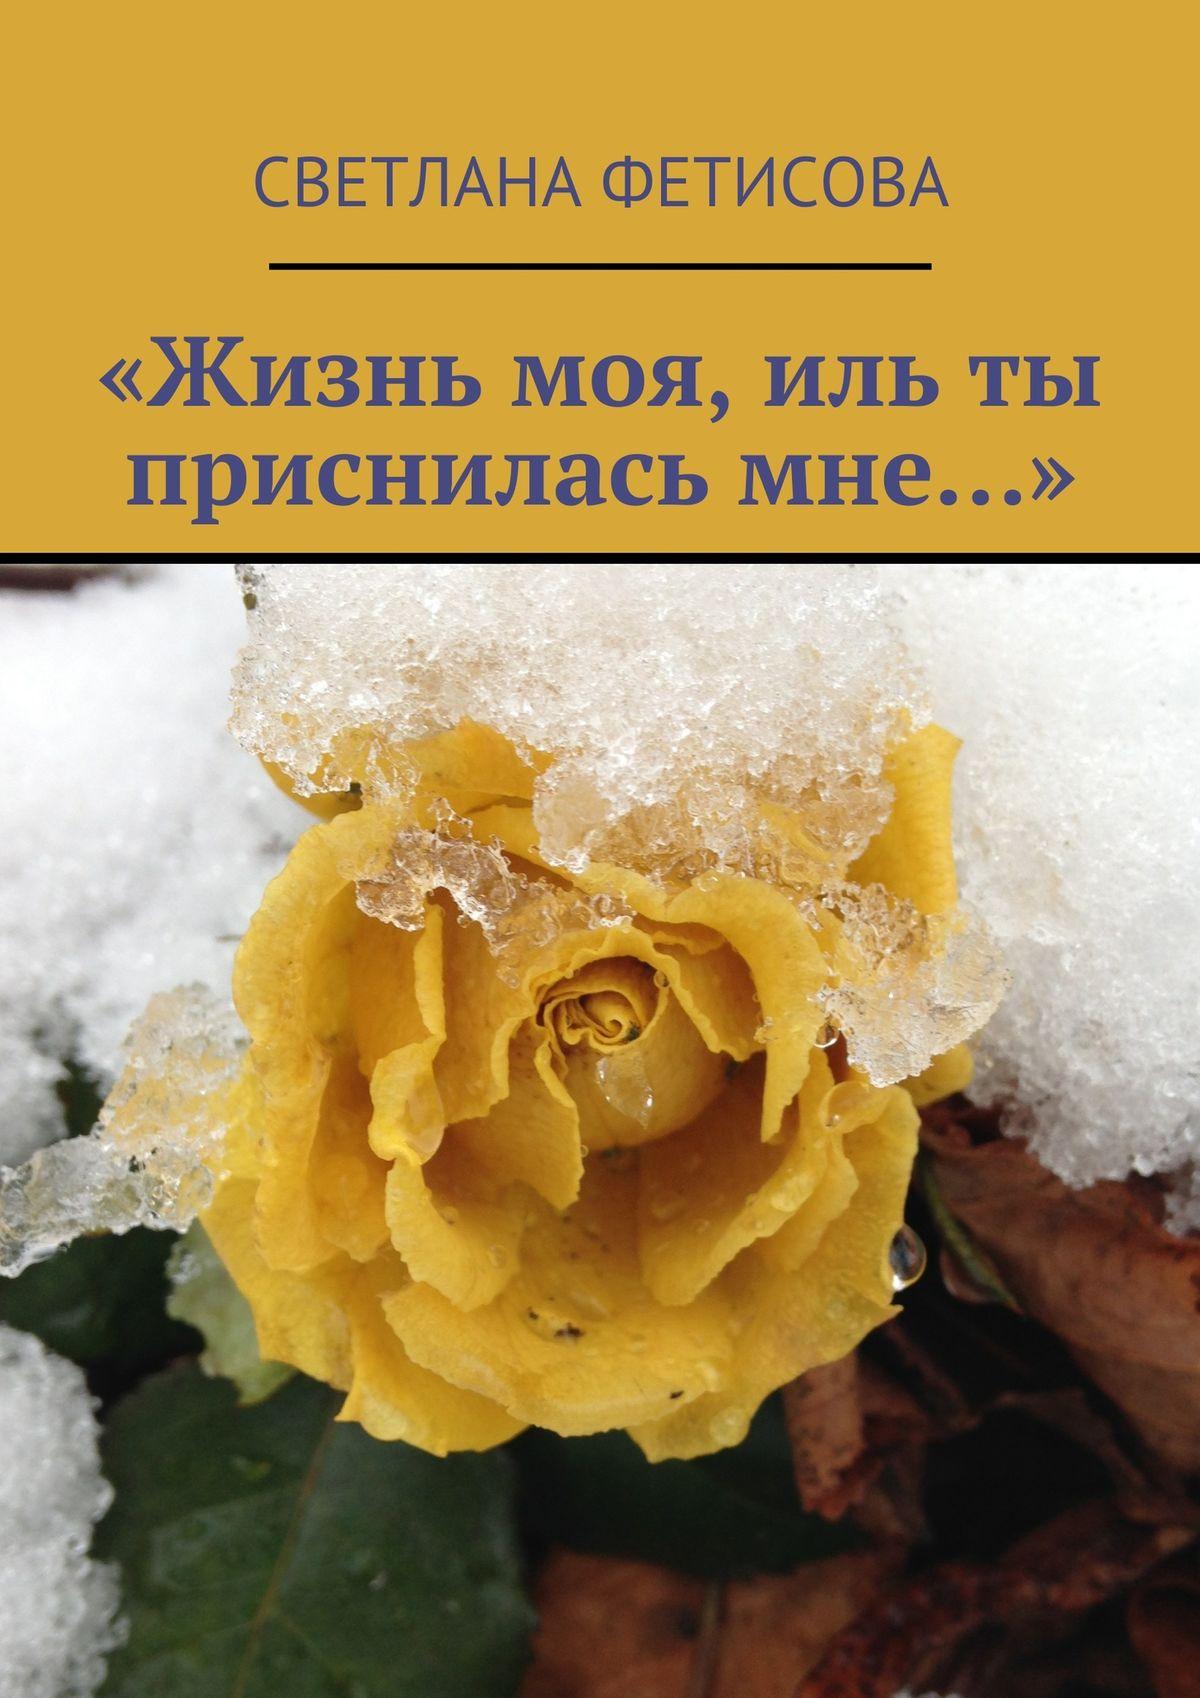 Светлана Фетисова «Жизнь моя, иль ты присниласьмне…» елена юрьевна антонович 10 ошибок любви и как их исправить чтобы мужчина любил вас всю жизнь